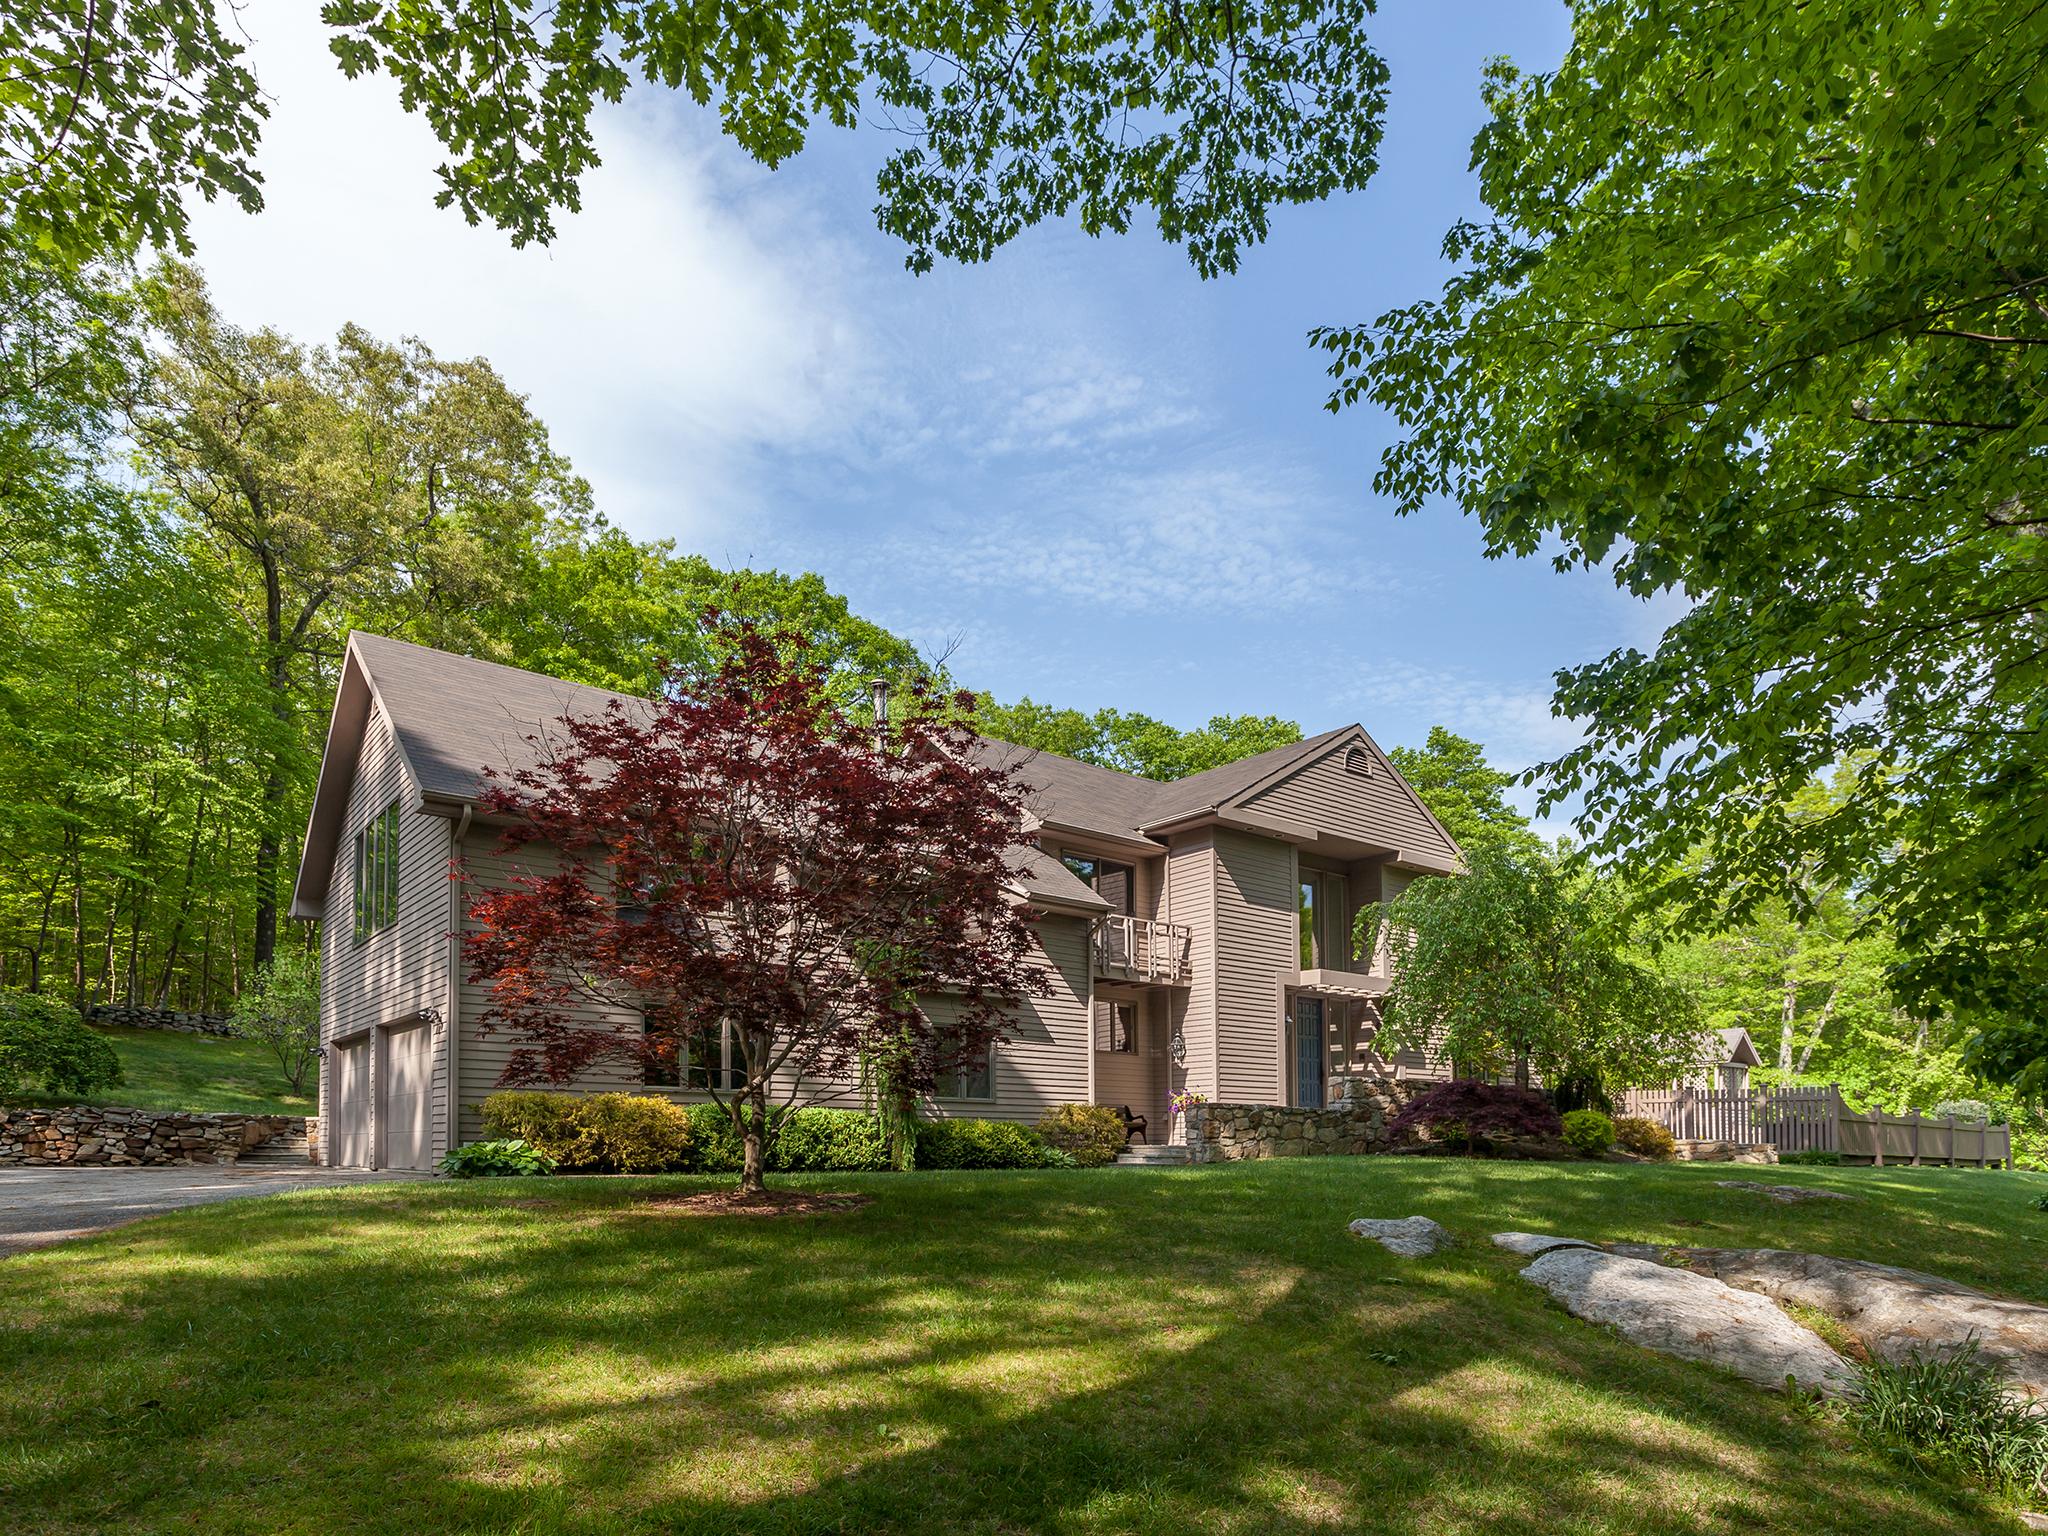 Casa Unifamiliar por un Venta en Stylish Merryall Contemporary 170 Indian Trail Rd New Milford, Connecticut 06776 Estados Unidos